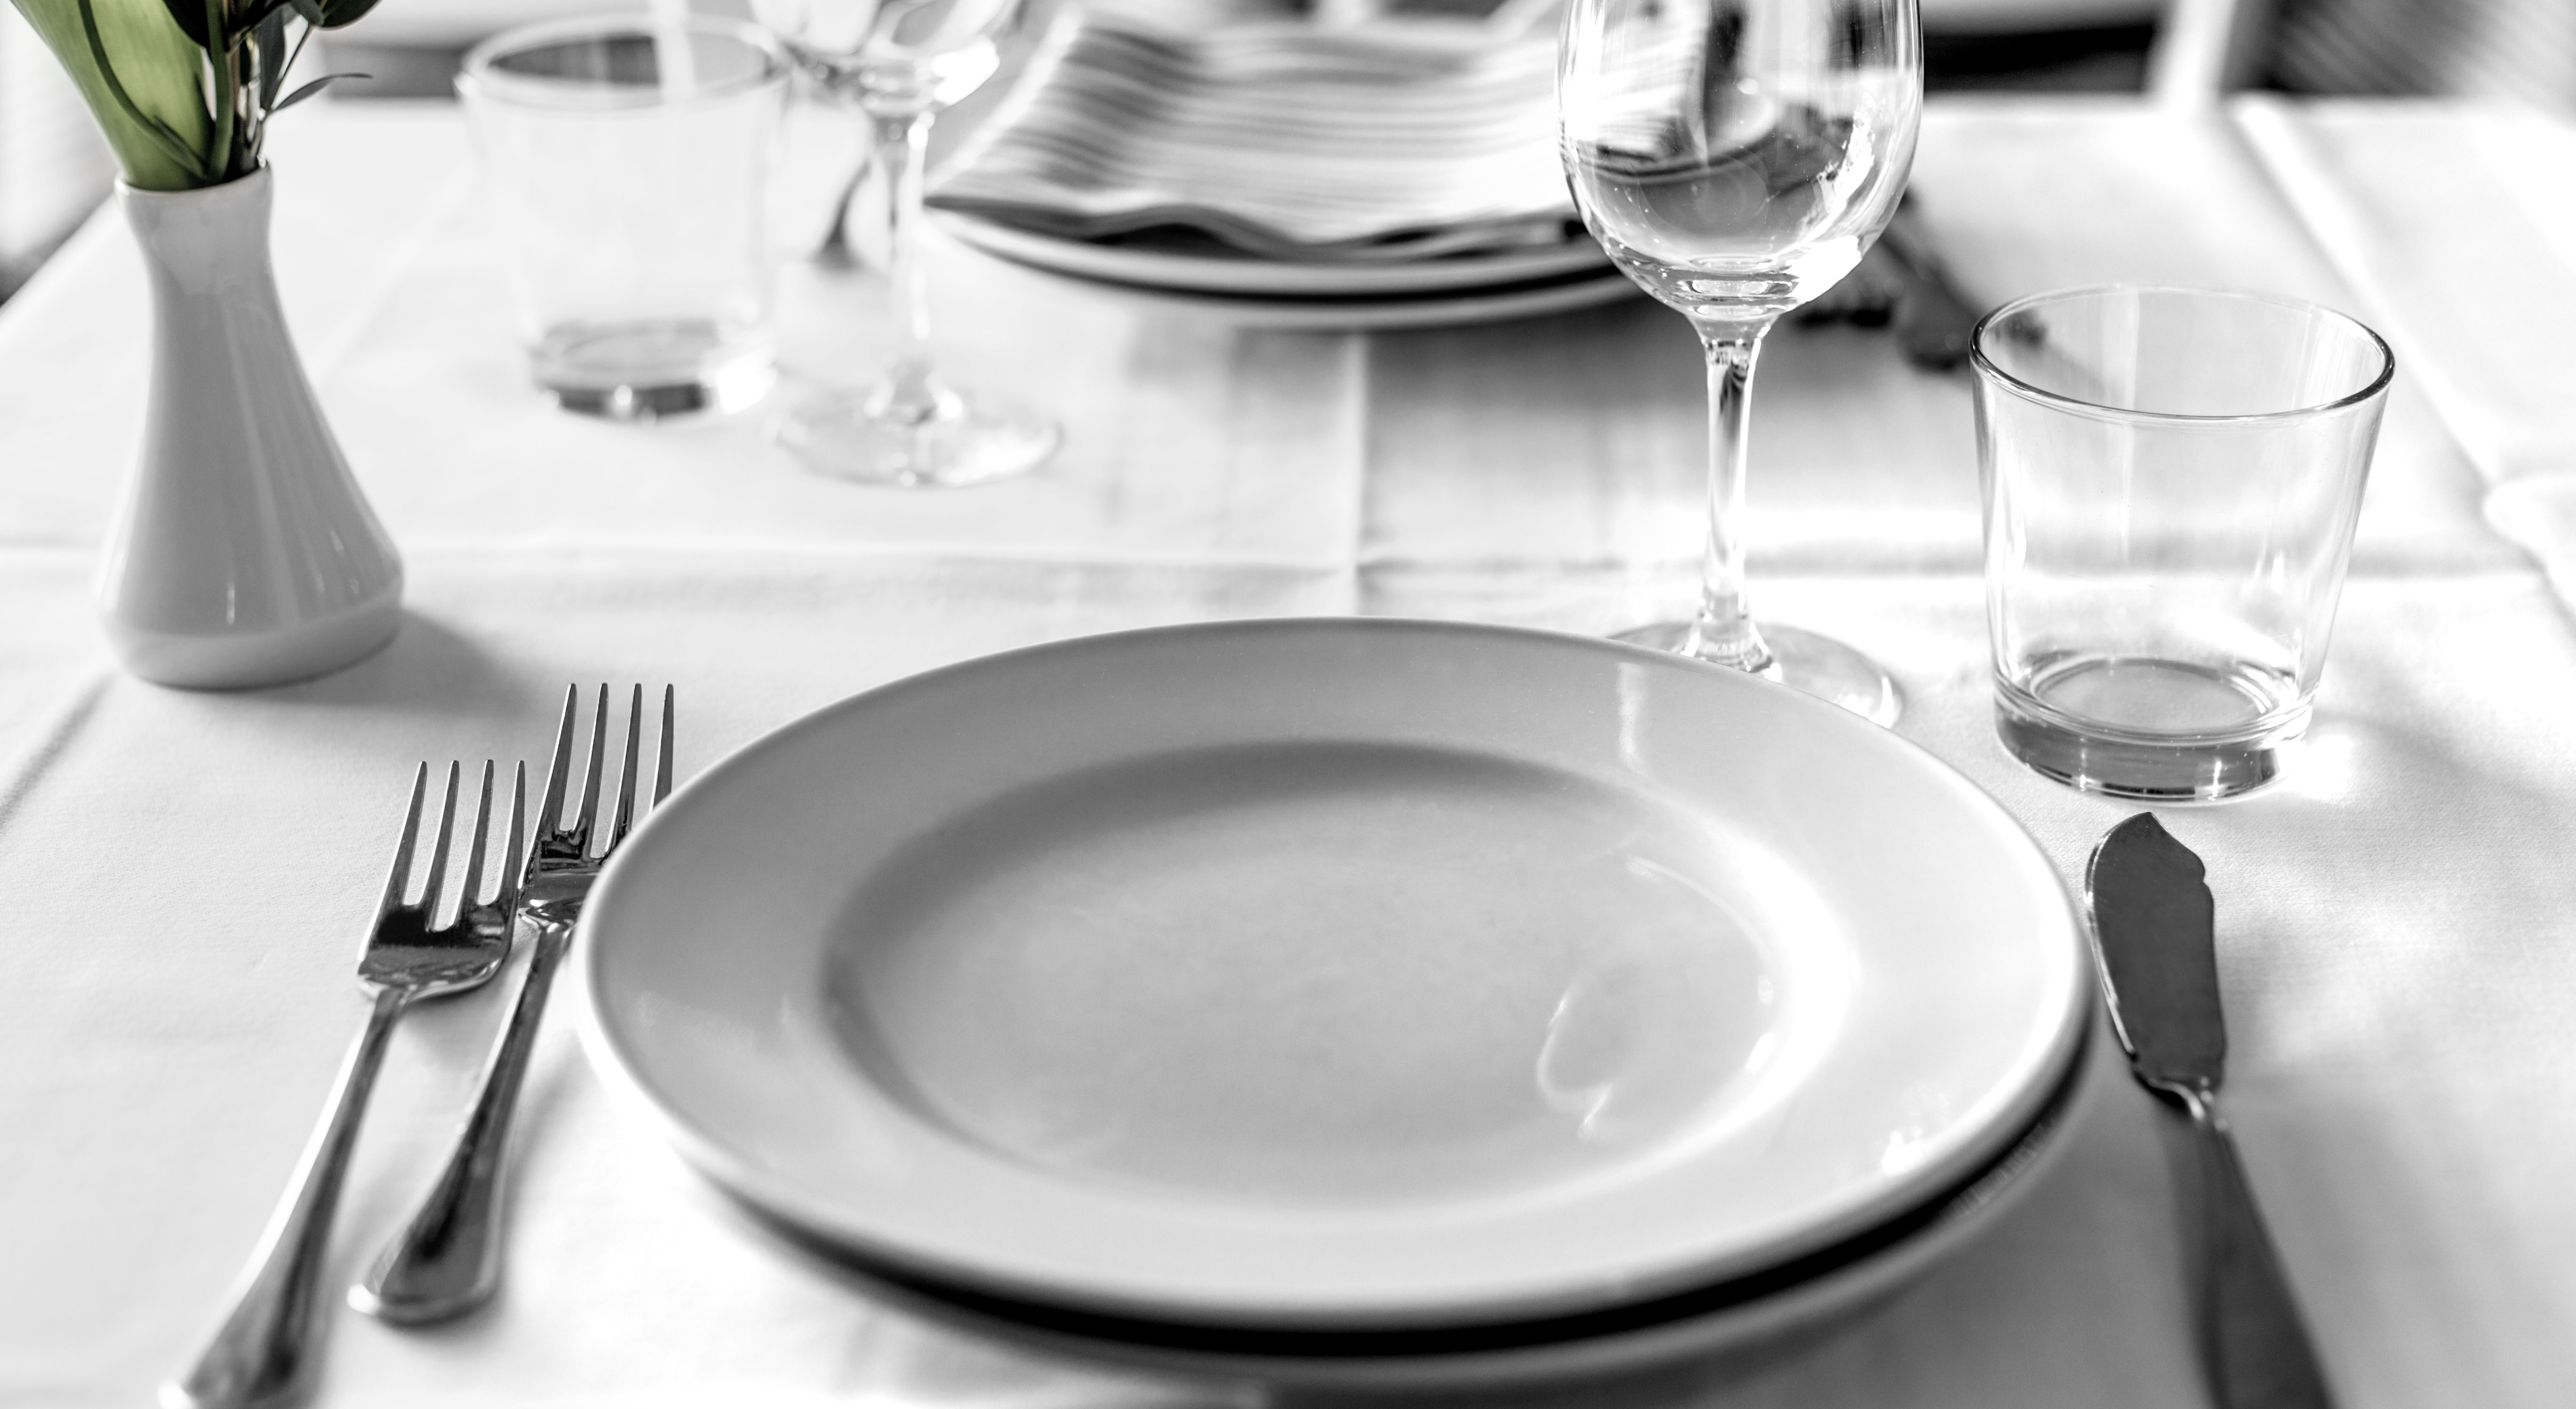 Come Si Apparecchia La Tavola Secondo Il Galateo Aia Food